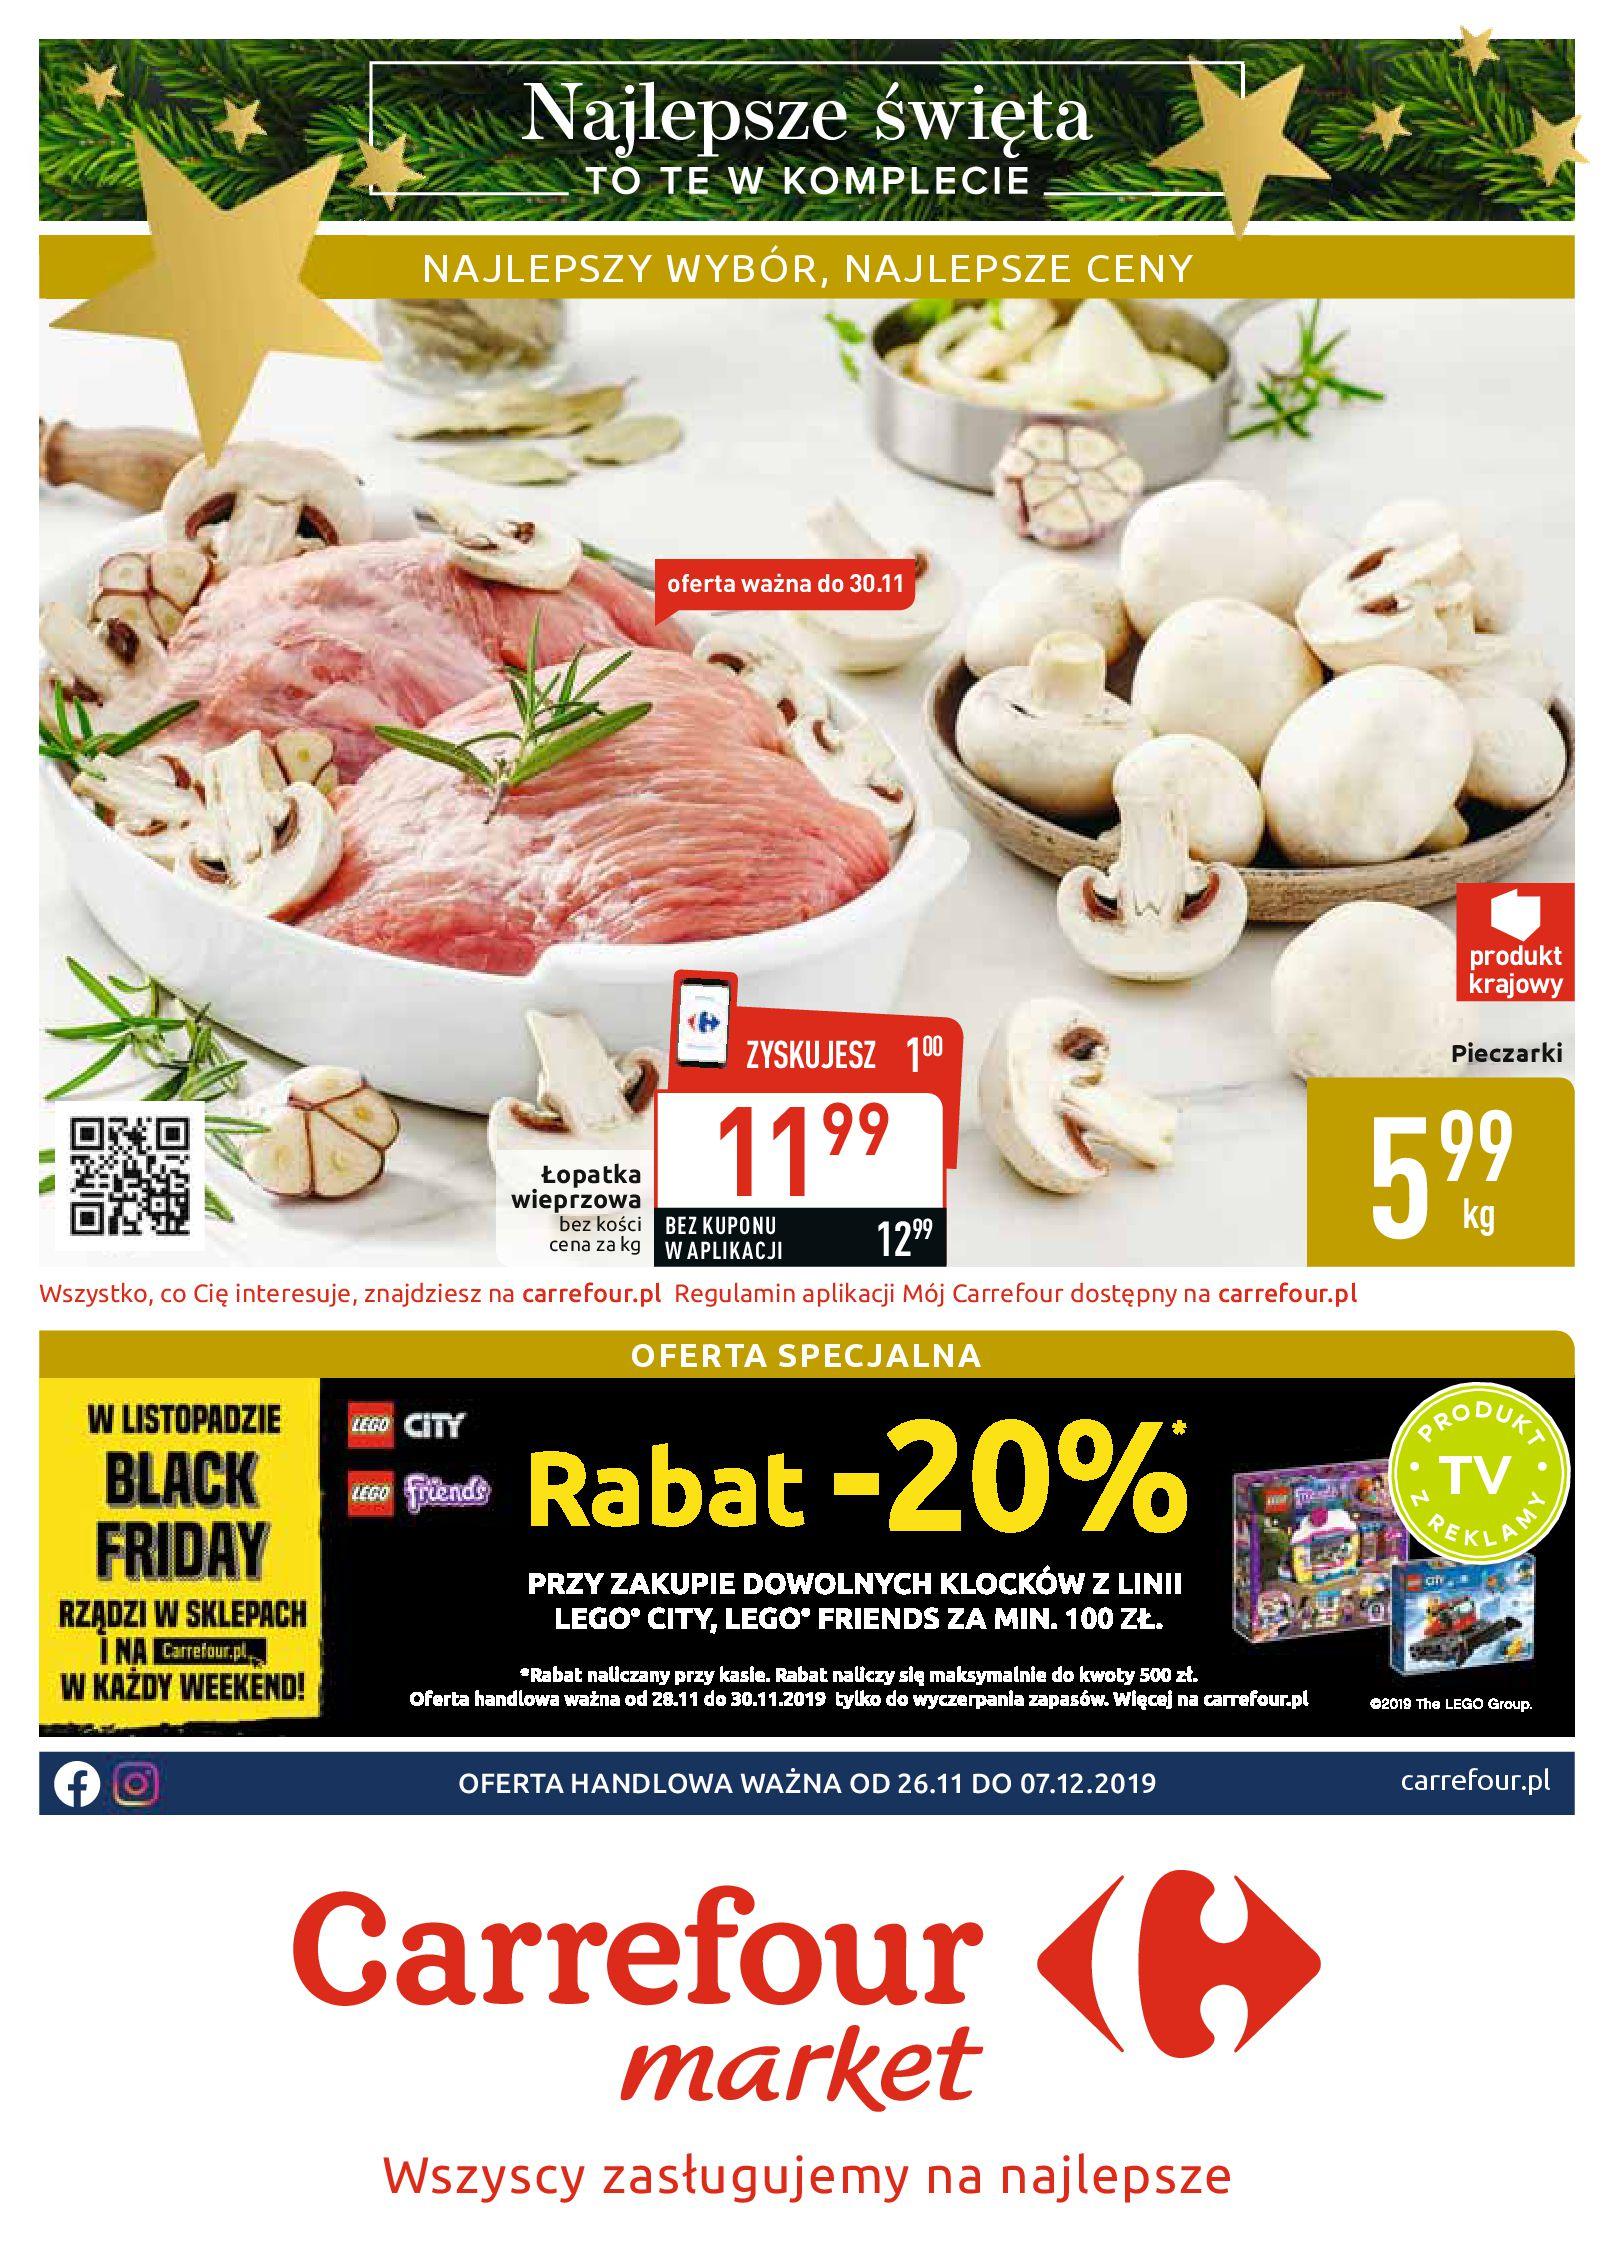 Gazetka Carrefour Market - Najlepszy wybór, najlepsze ceny-25.11.2019-07.12.2019-page-1